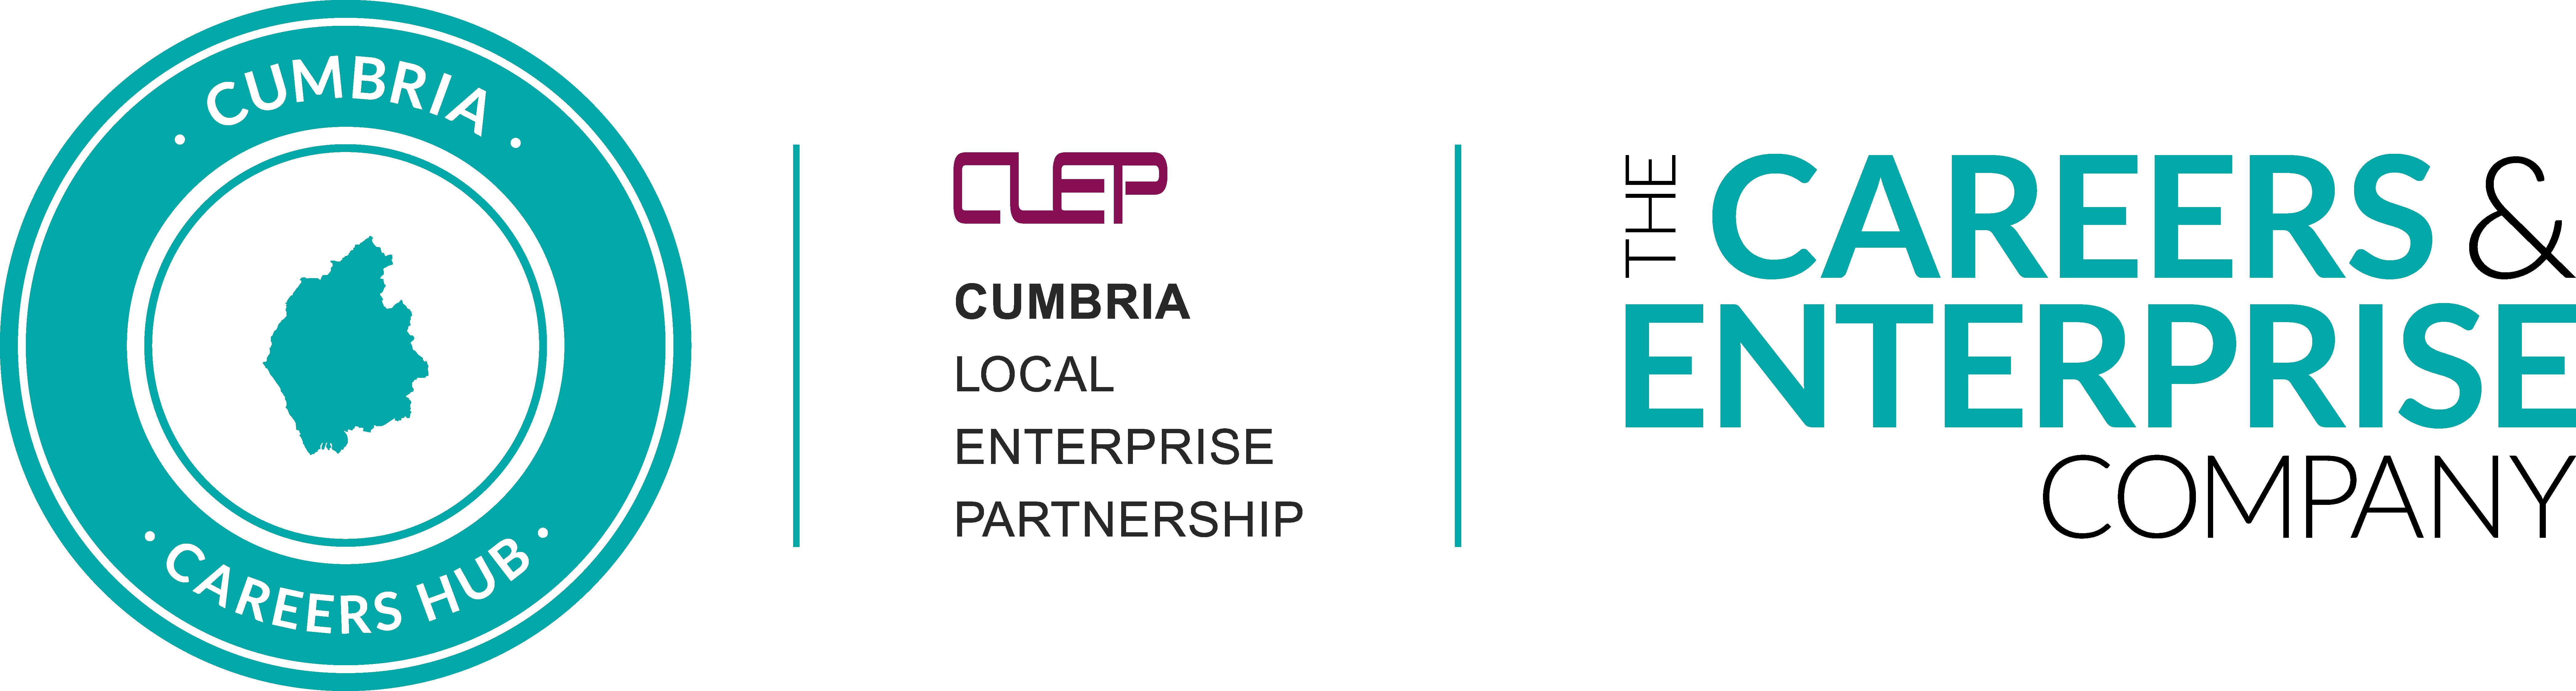 Cumbria Careers Hub | Cumbria LEP | The Careers and Enterprise Company